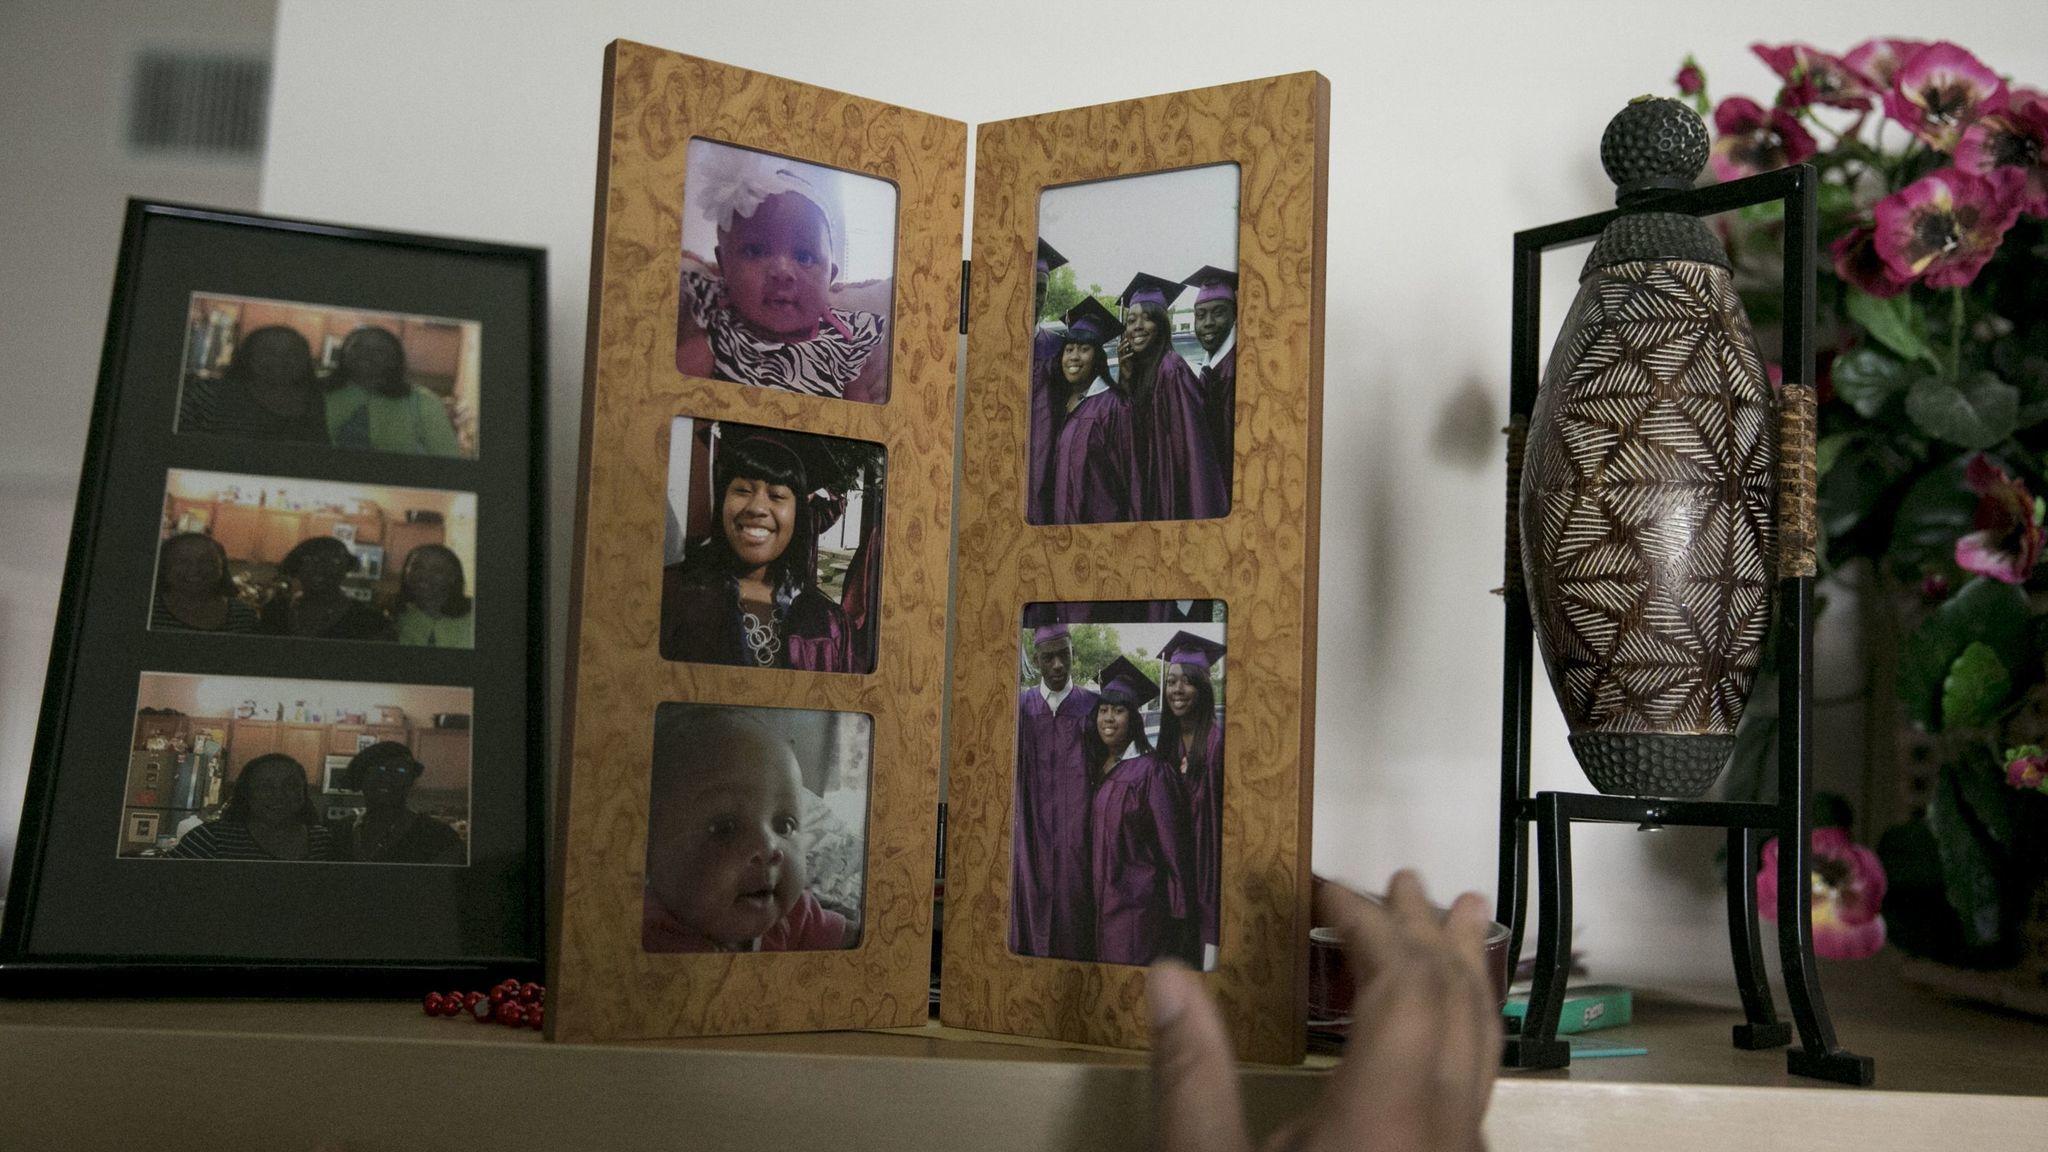 Framed photos of Cassaundra in the family's living room.